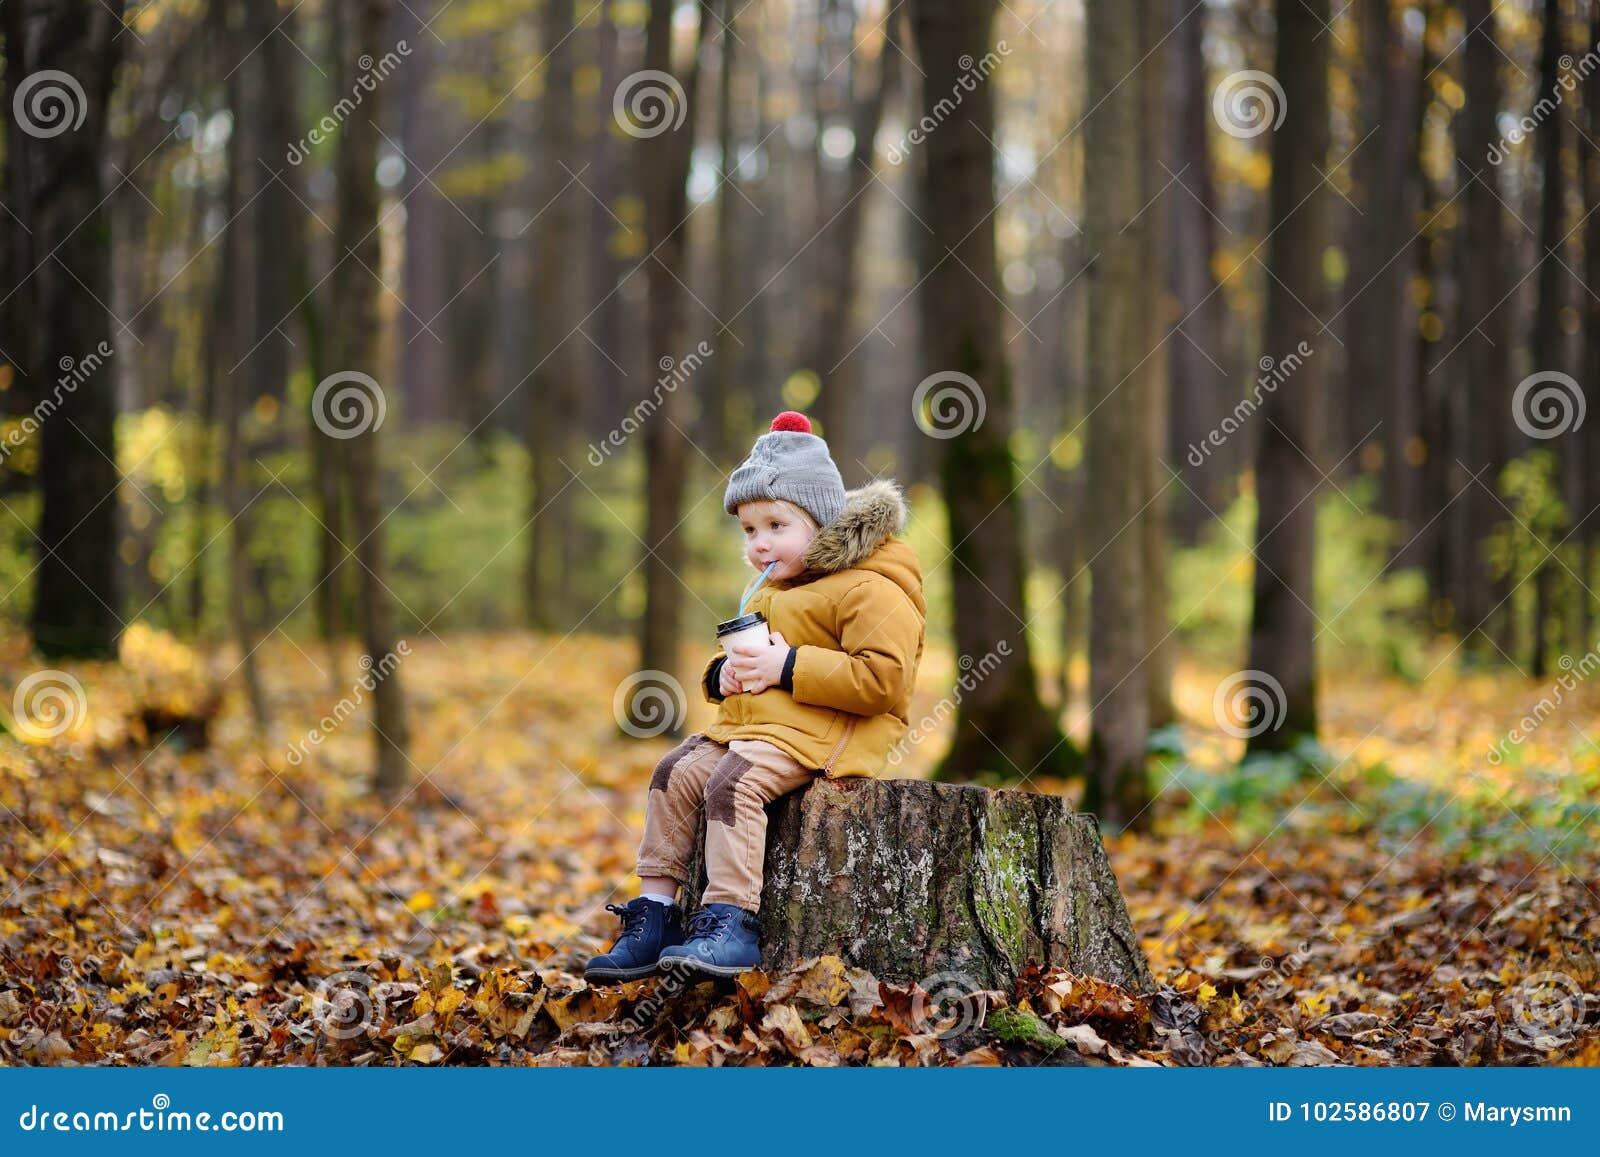 Sammanträde för litet barn på trästubbe och dricka varm kakao under promenad i skogen på höstdagen